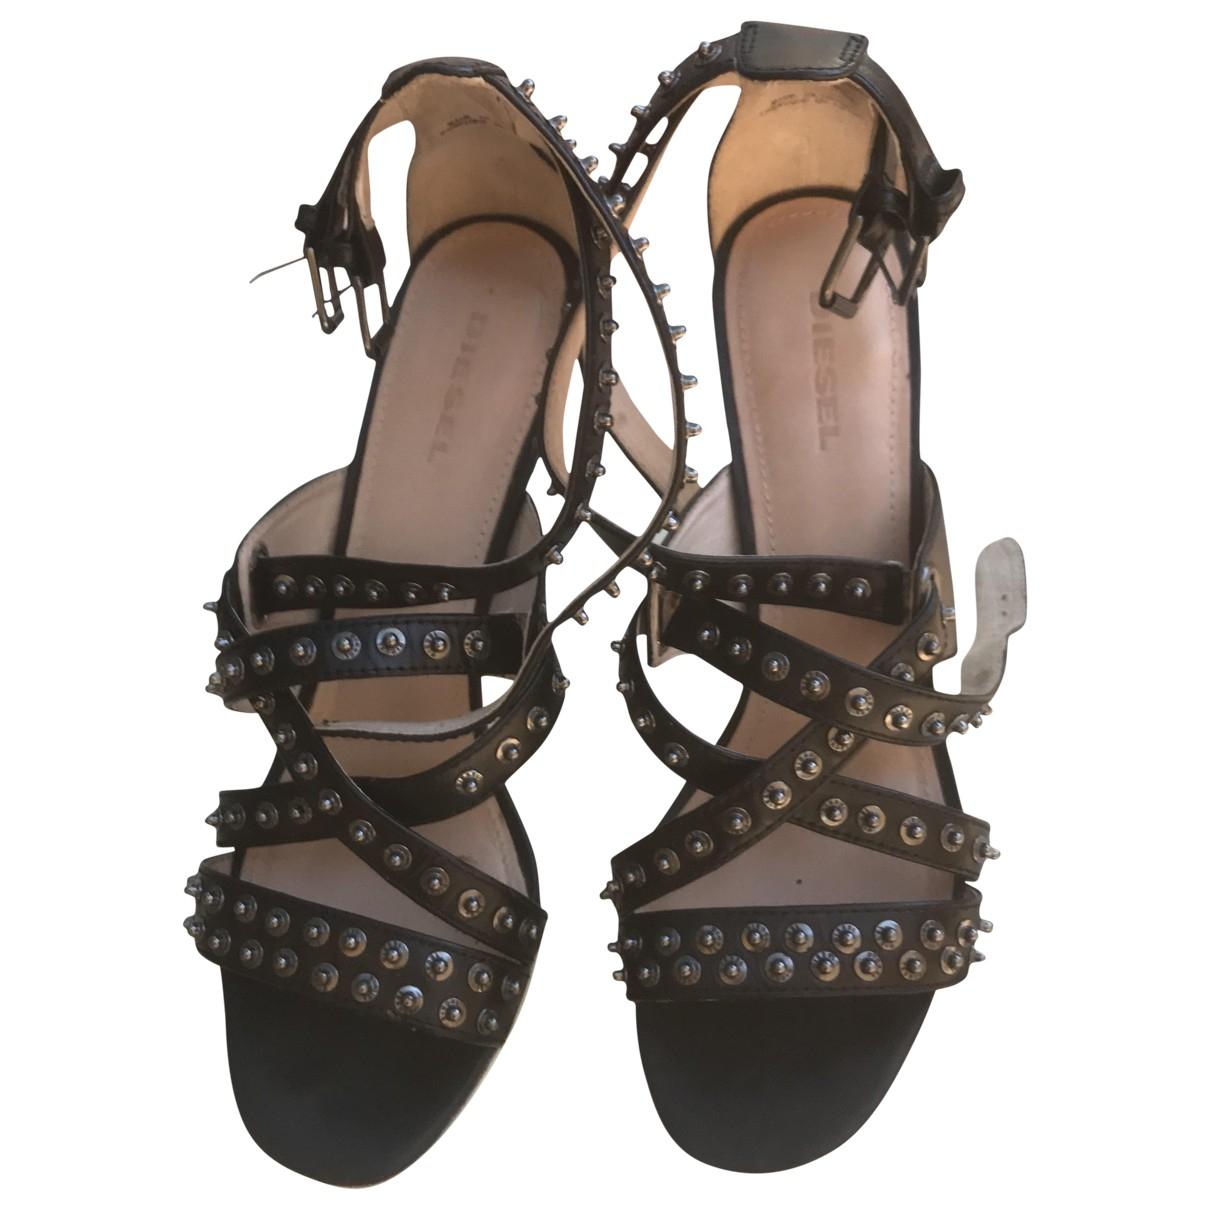 Diesel - Sandales   pour femme en cuir - noir